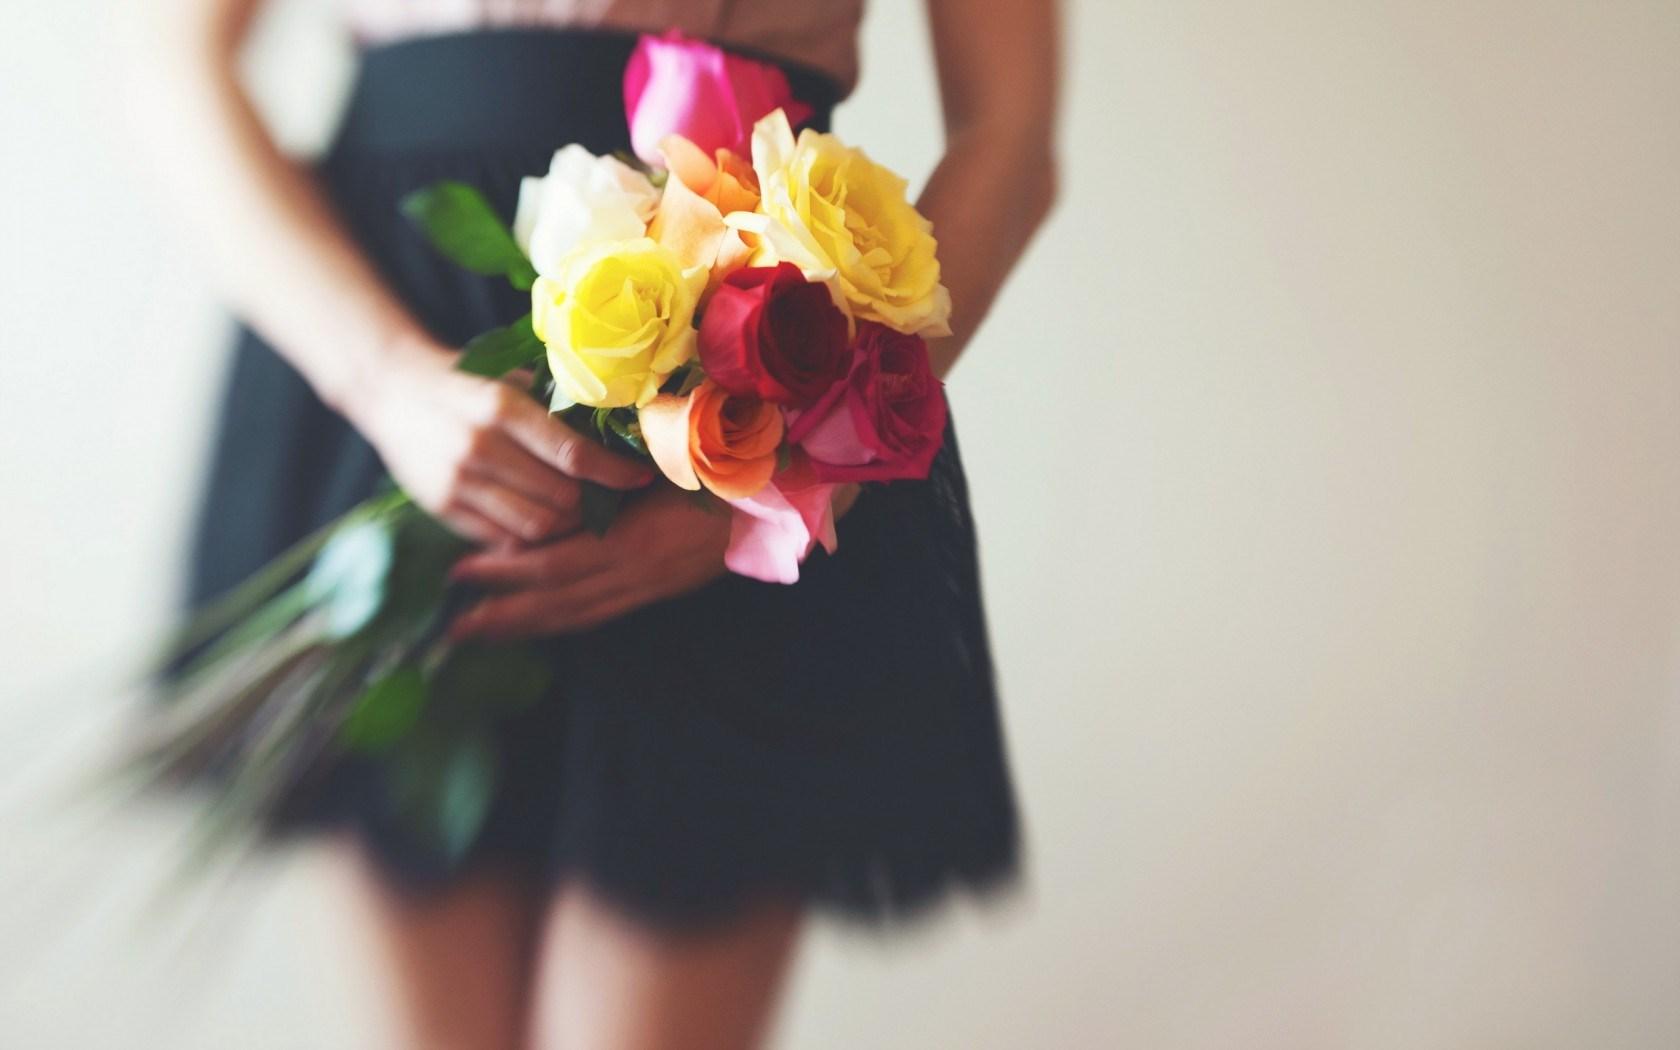 Фото девушек с цветами в руках без лица со спины